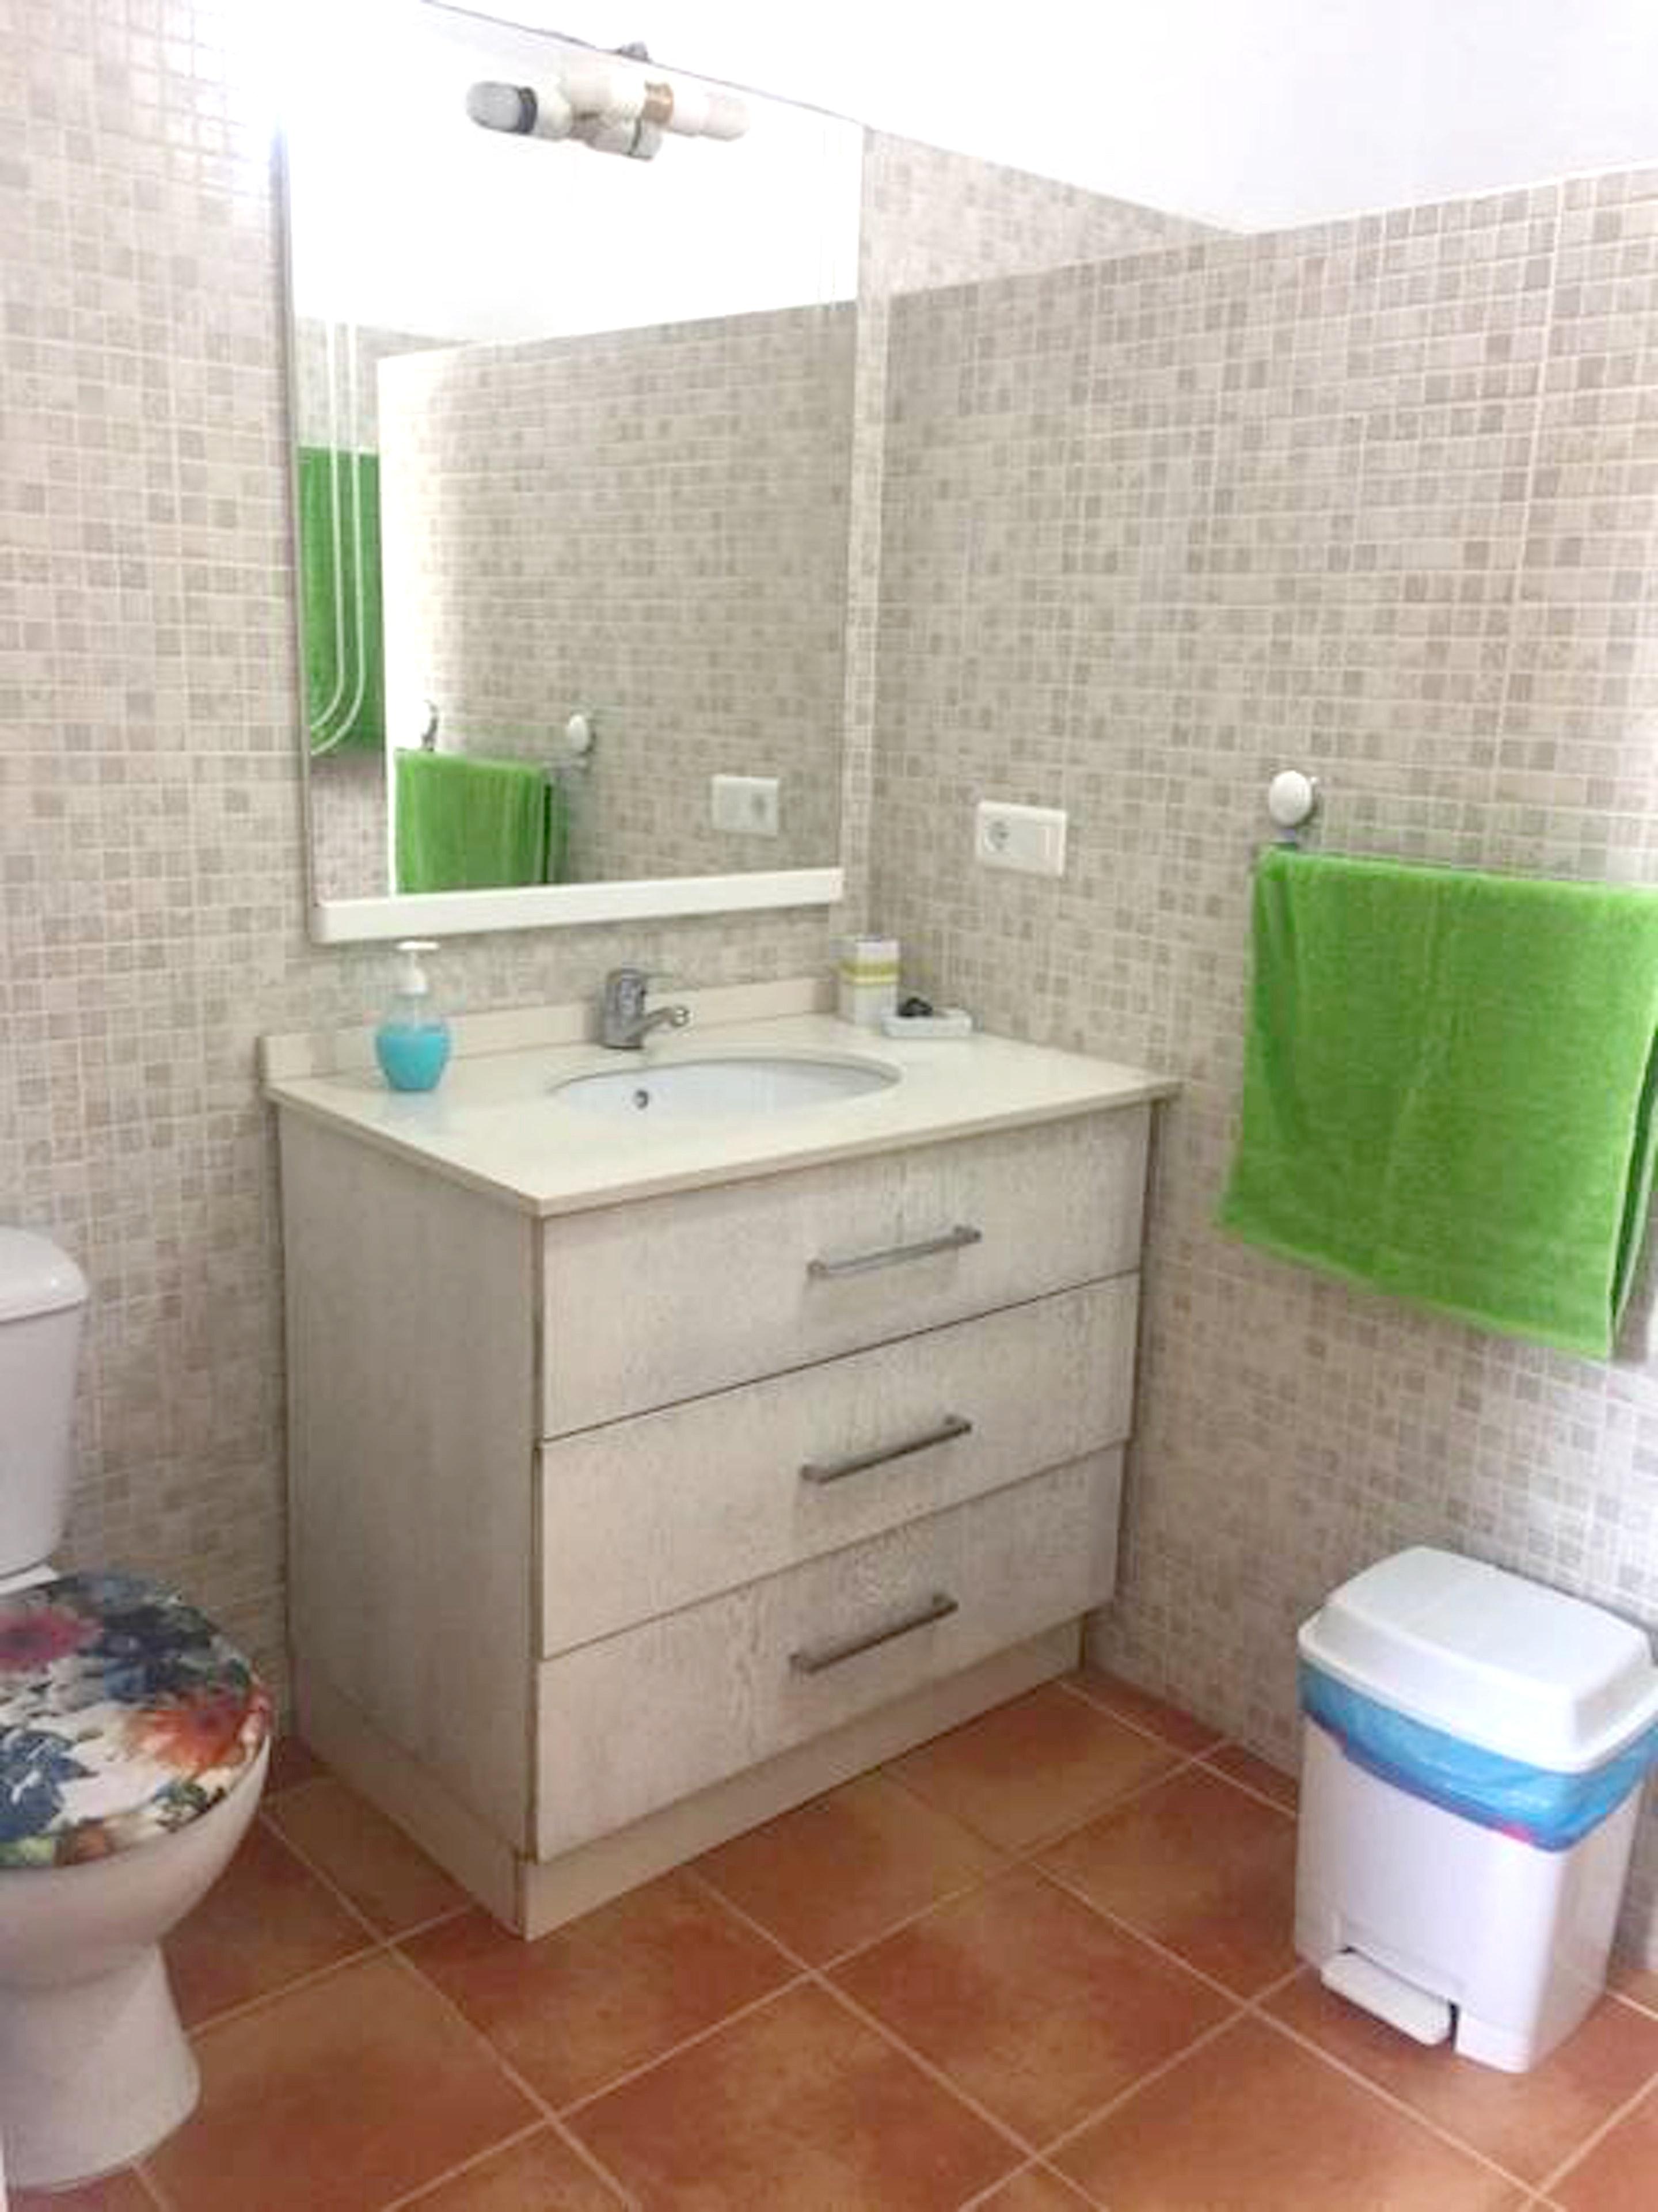 Ferienhaus Villa mit einem Schlafzimmer in Torrox mit herrlichem Meerblick, privatem Pool, Terrasse - (2519299), Torrox, Costa del Sol, Andalusien, Spanien, Bild 18